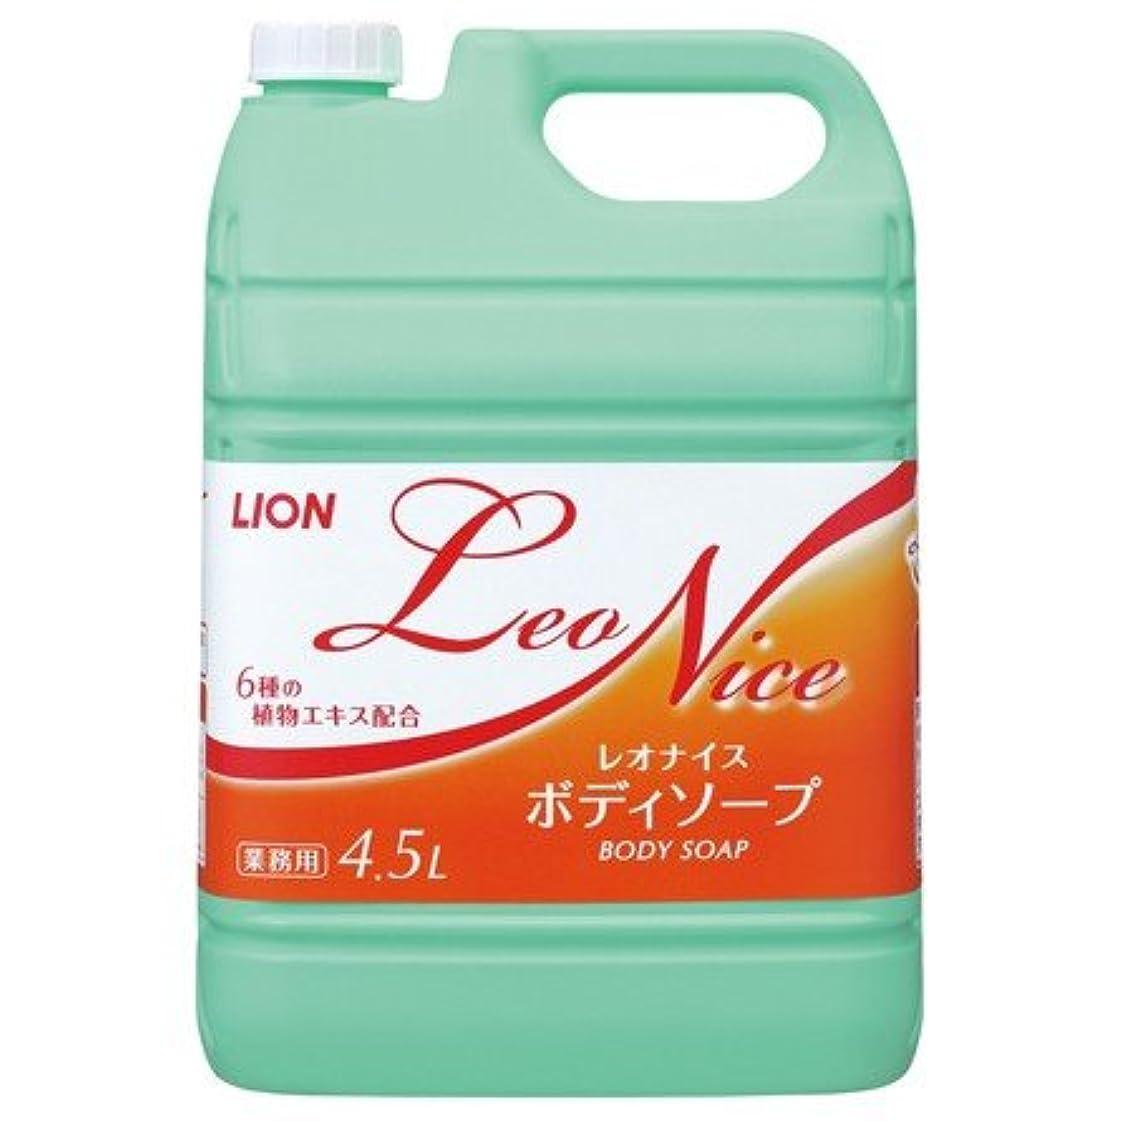 アセ溶接愛するライオン レオナイス ボディソープ 4.5L×3本入